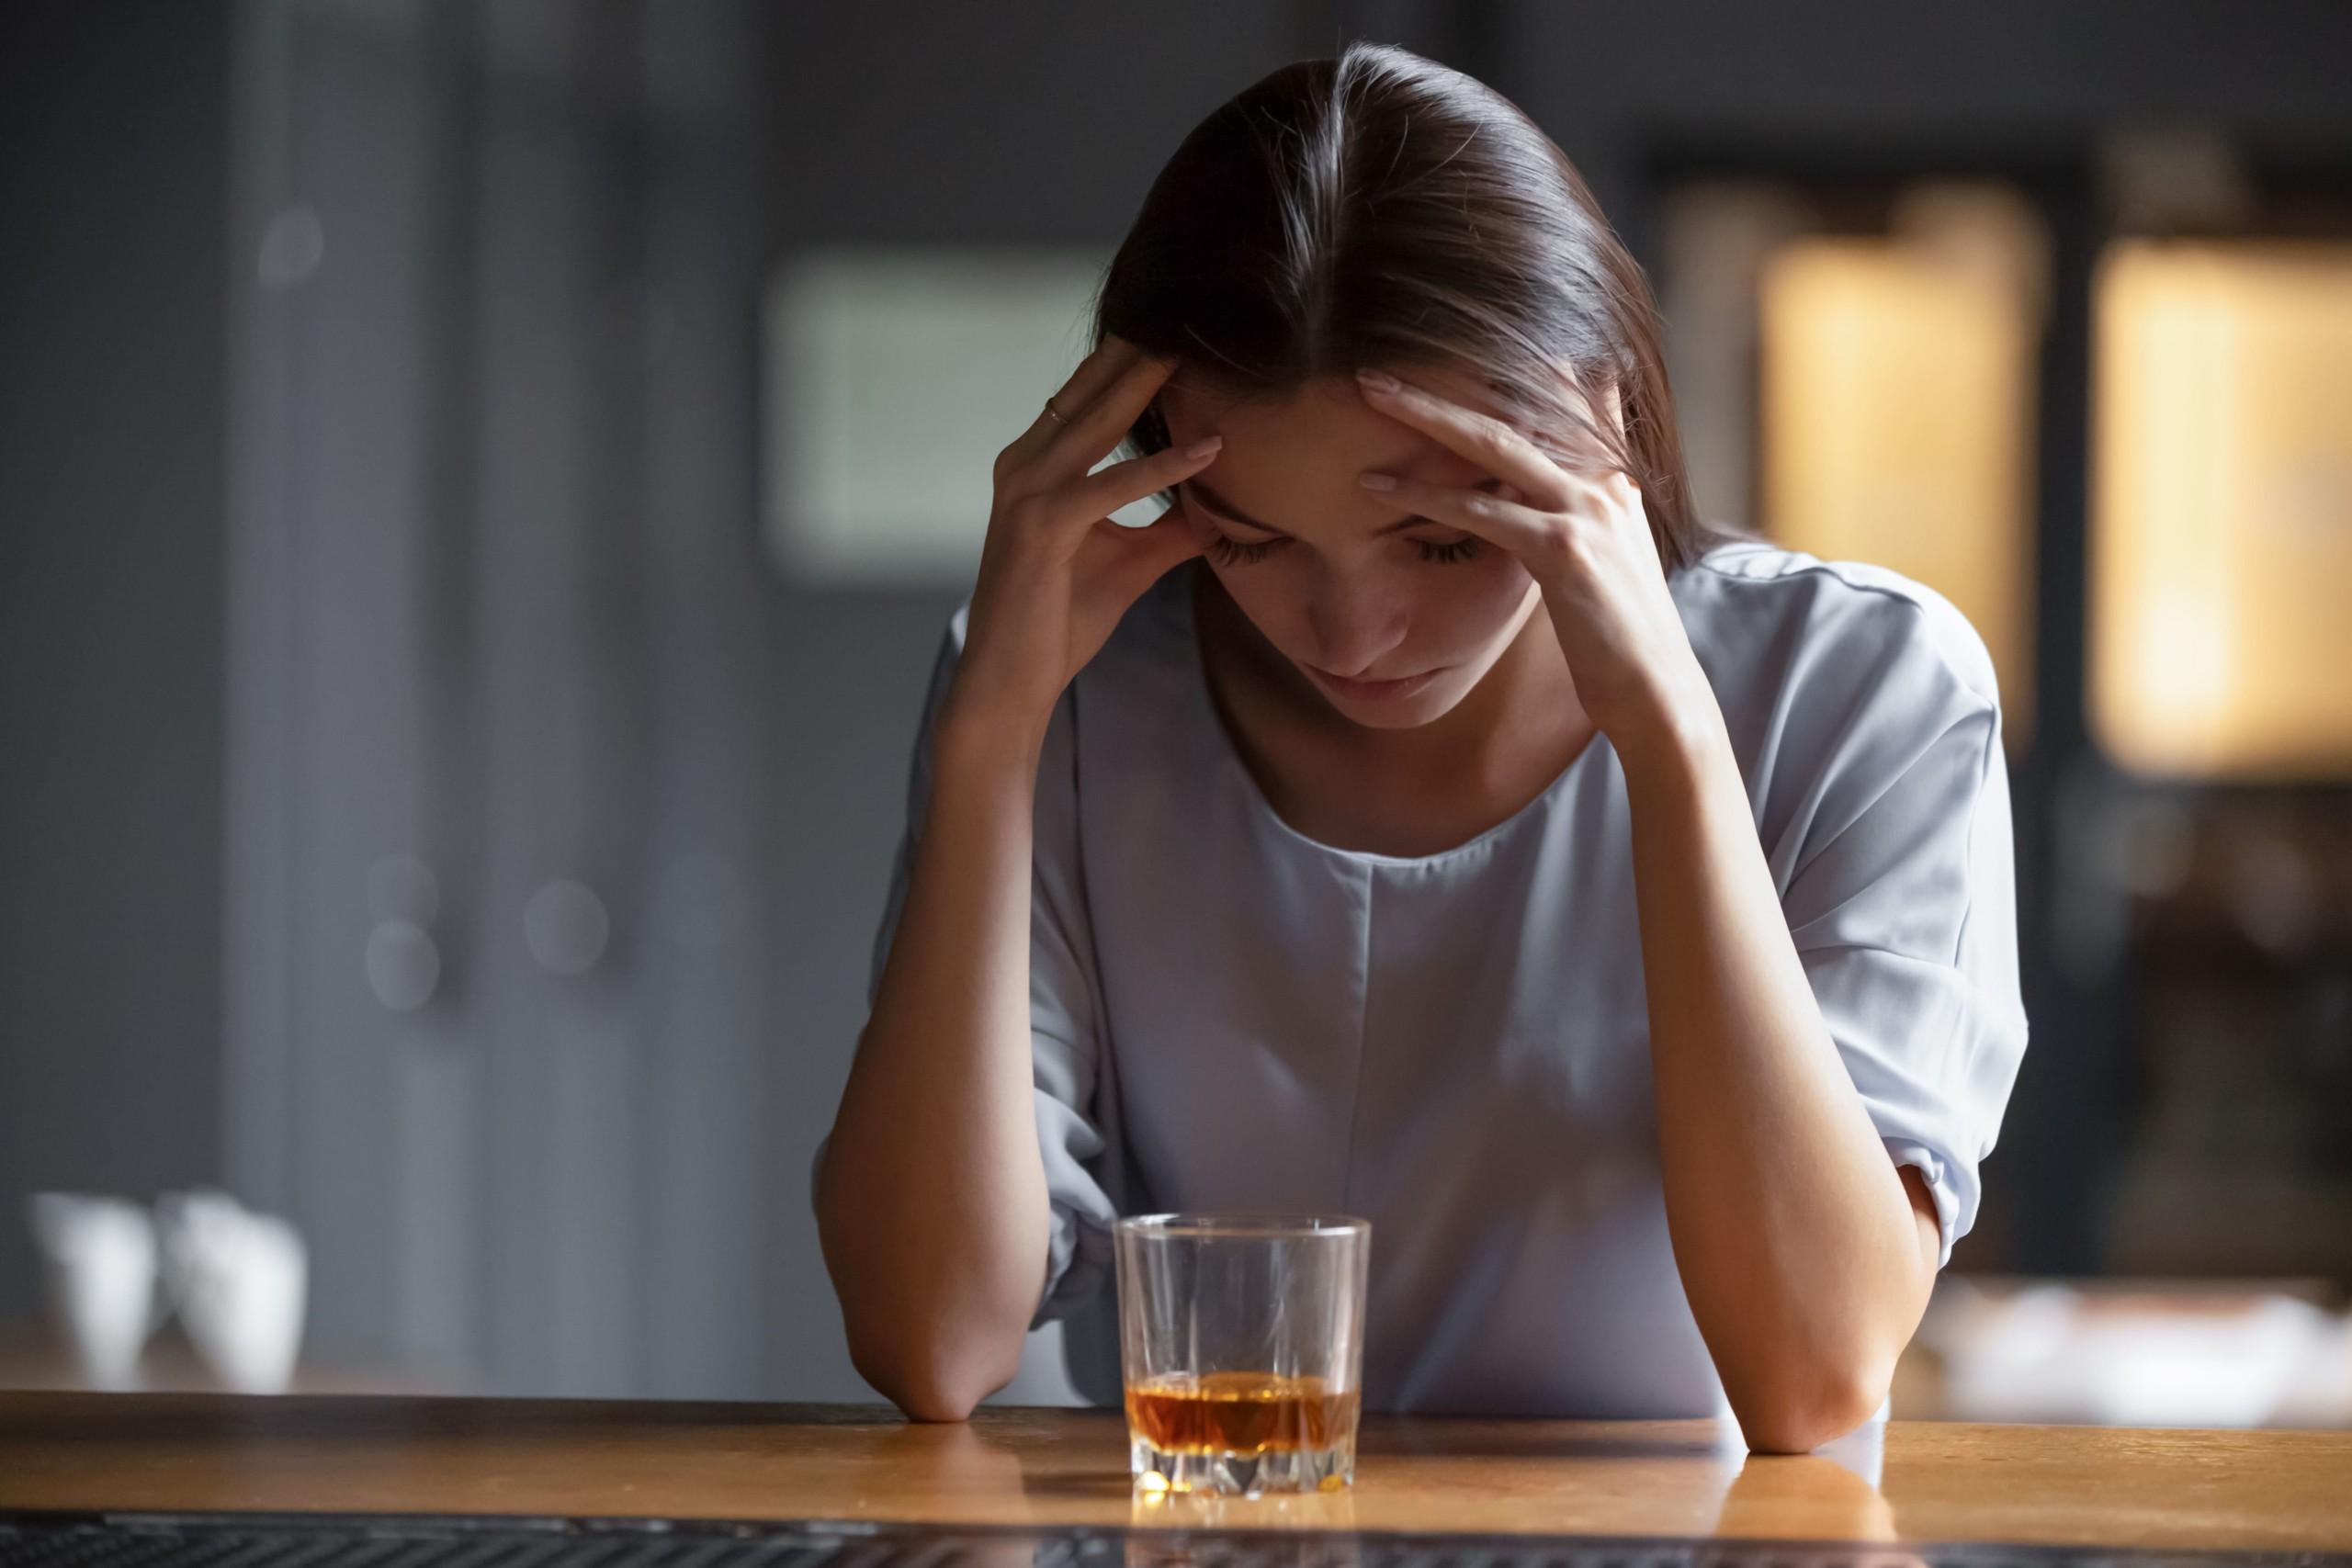 女性がお酒を飲み過ぎて鬱の状態